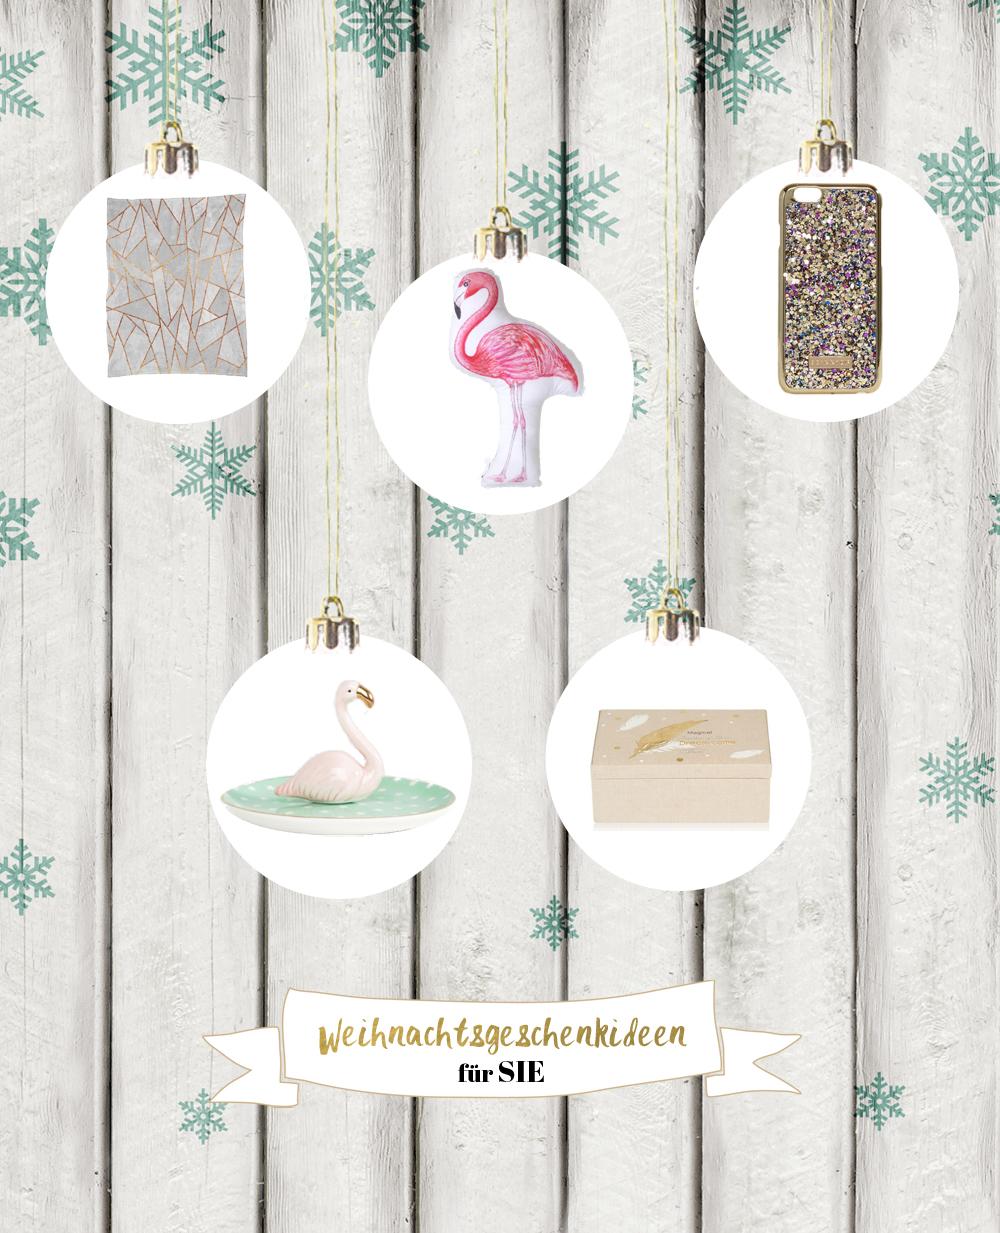 Weihnachtsgeschenkideen für sie